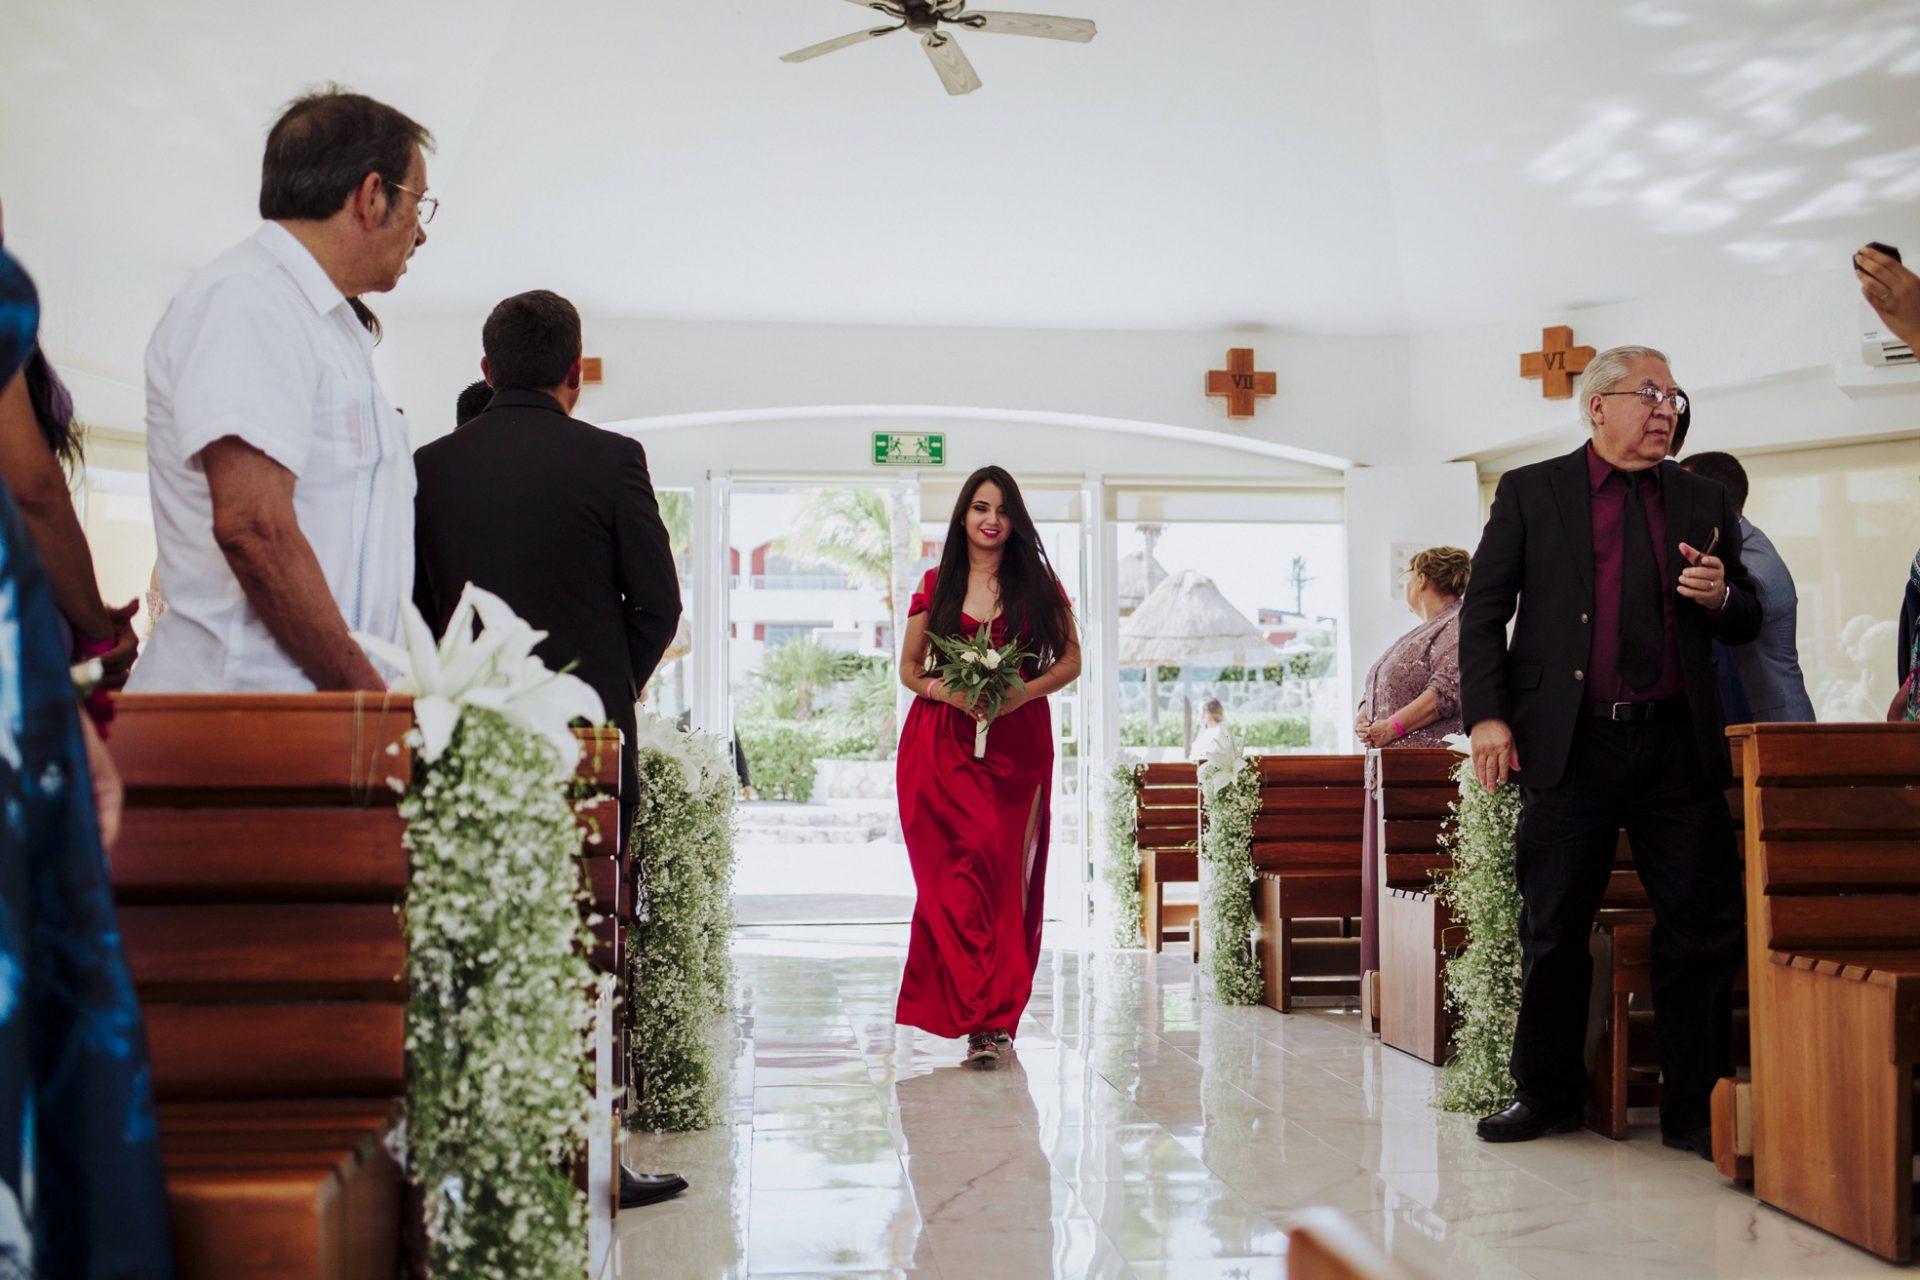 fotografo_bodas_profesional_zacatecas_riviera_maya_cancun-219